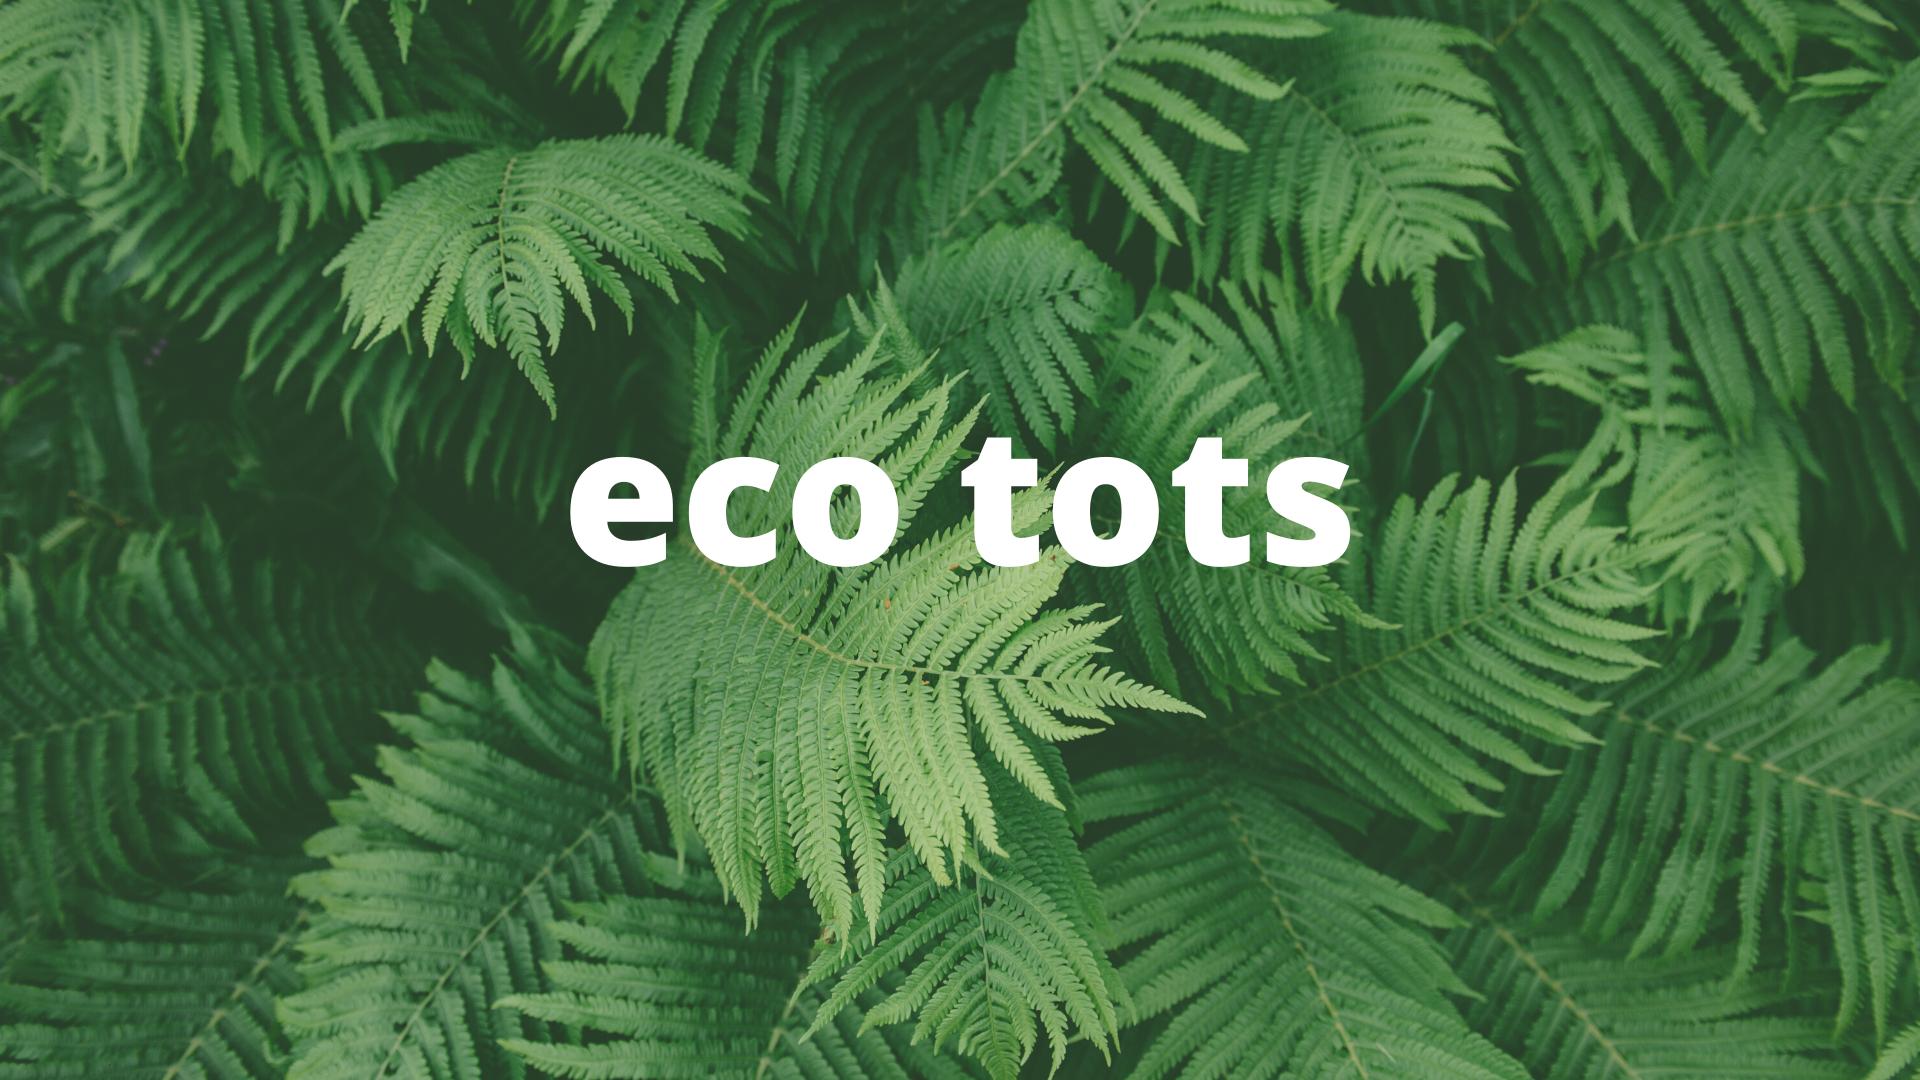 Eco Tots